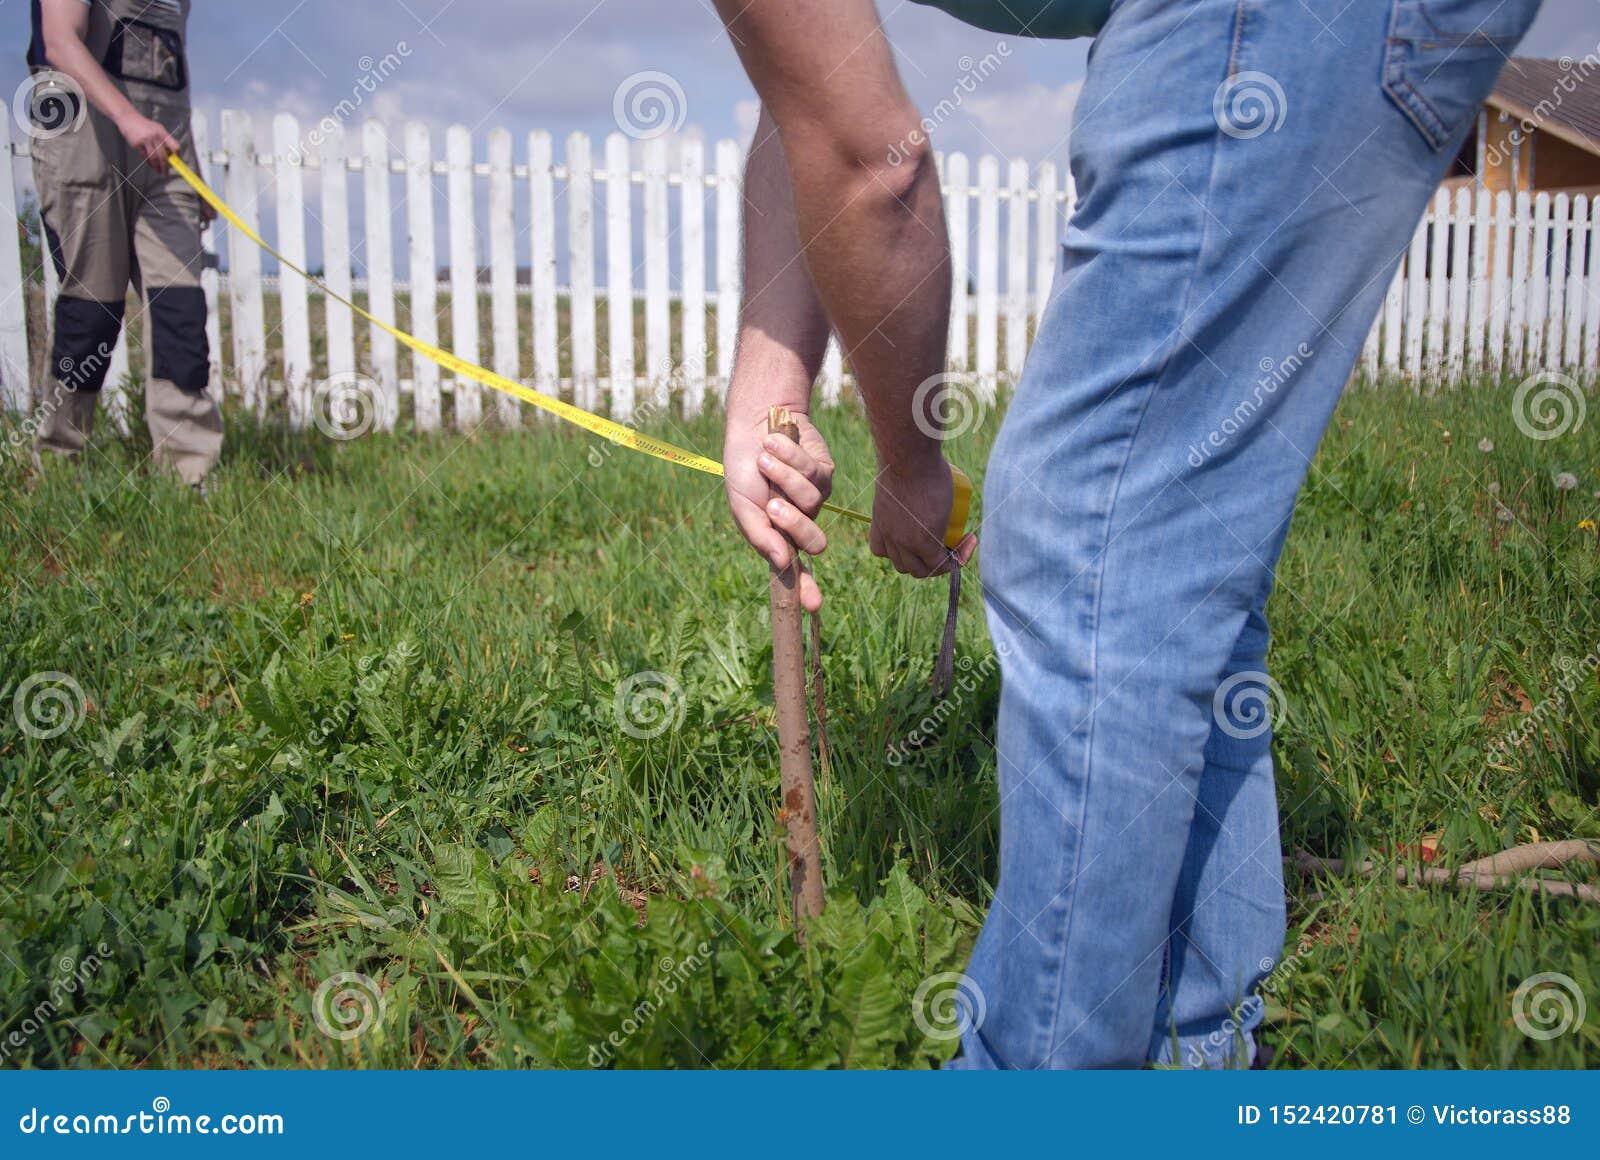 Trabalhadores que medem a terra com uma régua